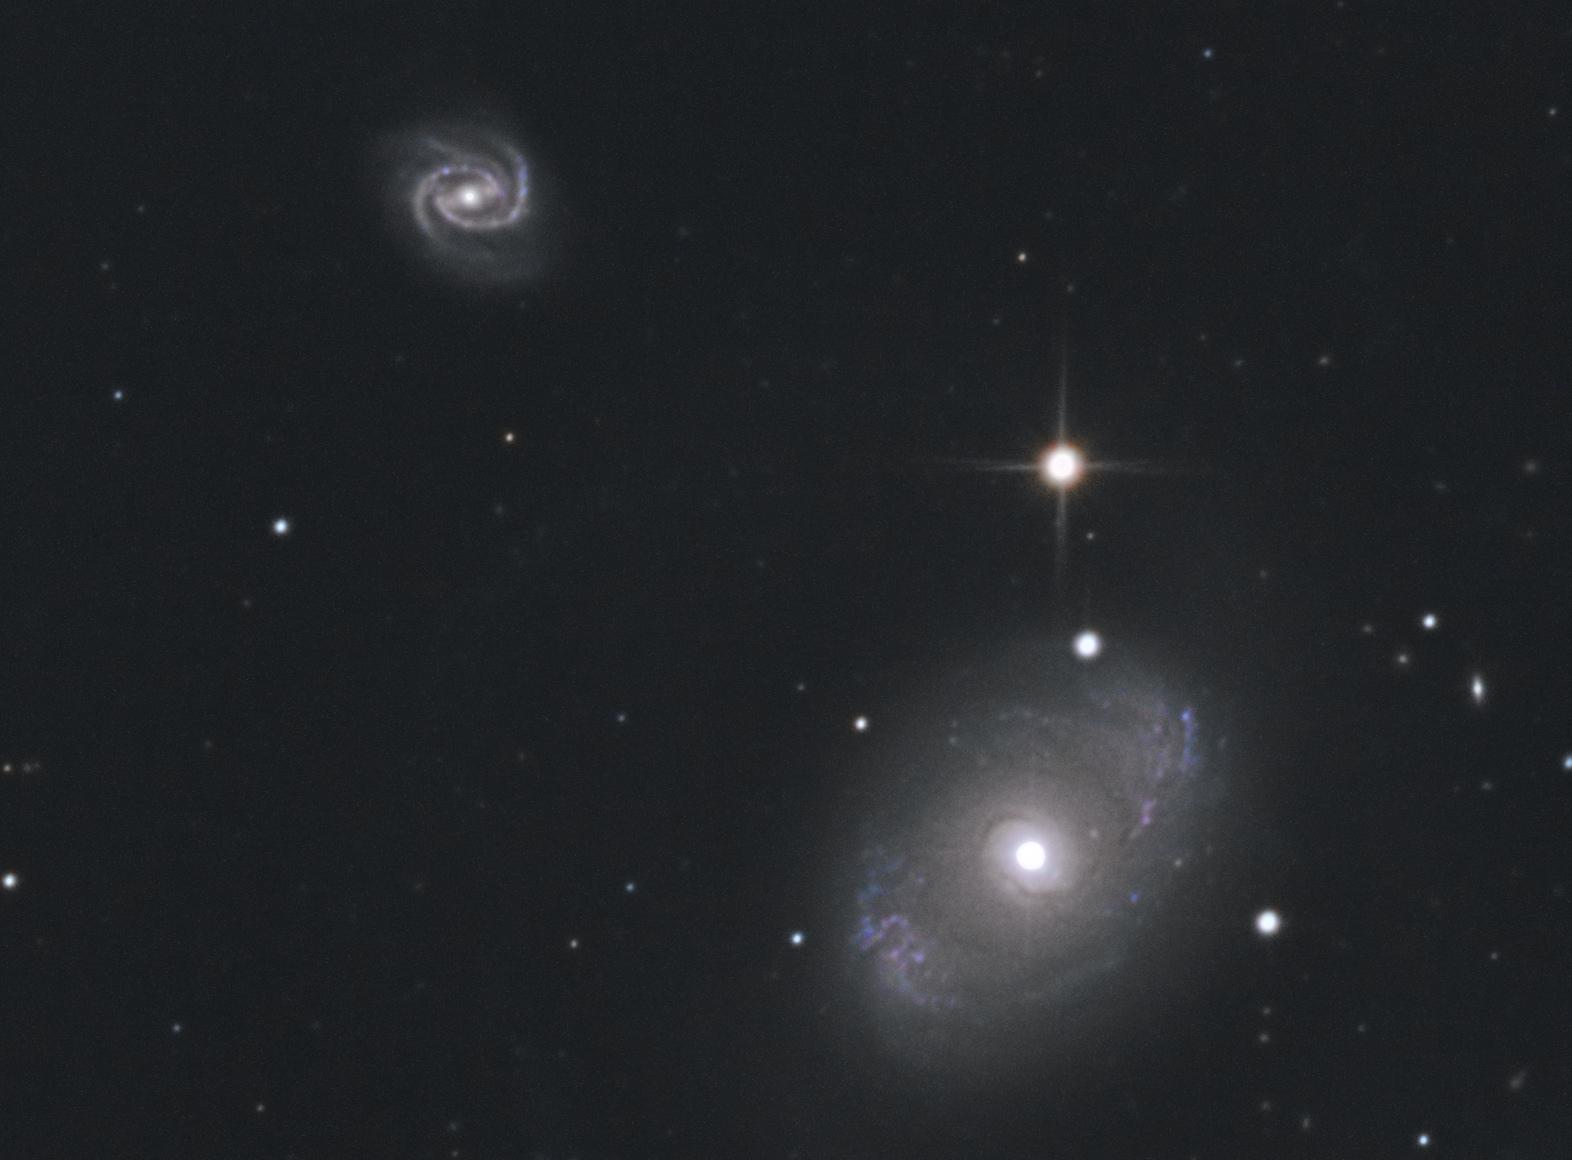 NGC_4151_et_4156.jpg.718df9a4714c2755846575217063102a.jpg